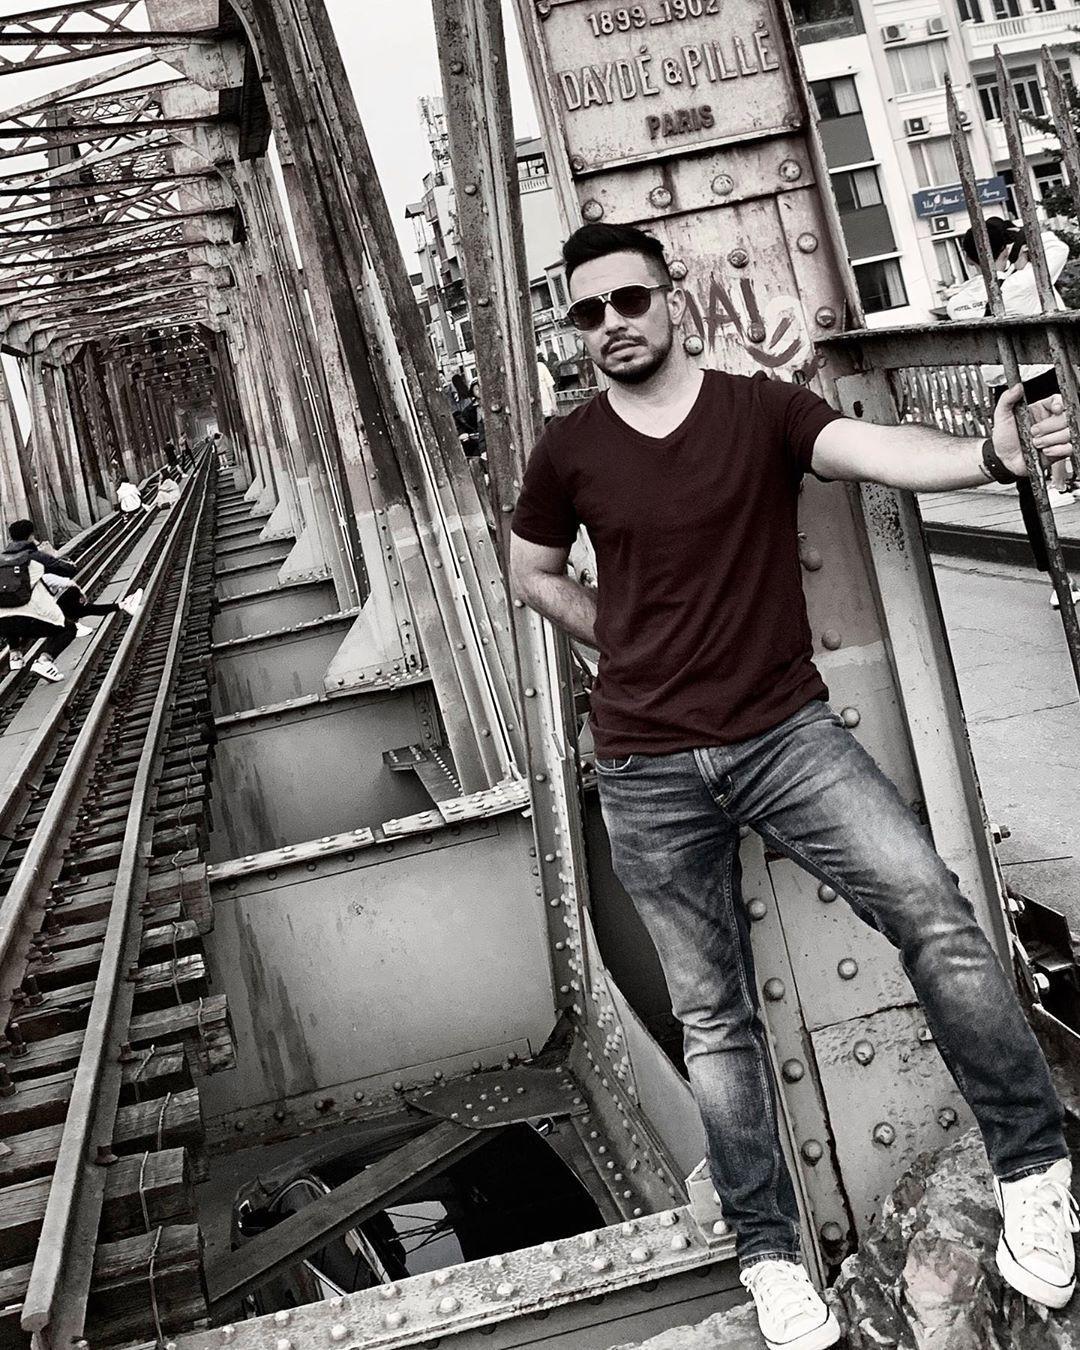 Bất chấp nguy hiểm, khách du lịch đổ xô đến cầu Long Biên chụp ảnh 'check-in' Ảnh 3